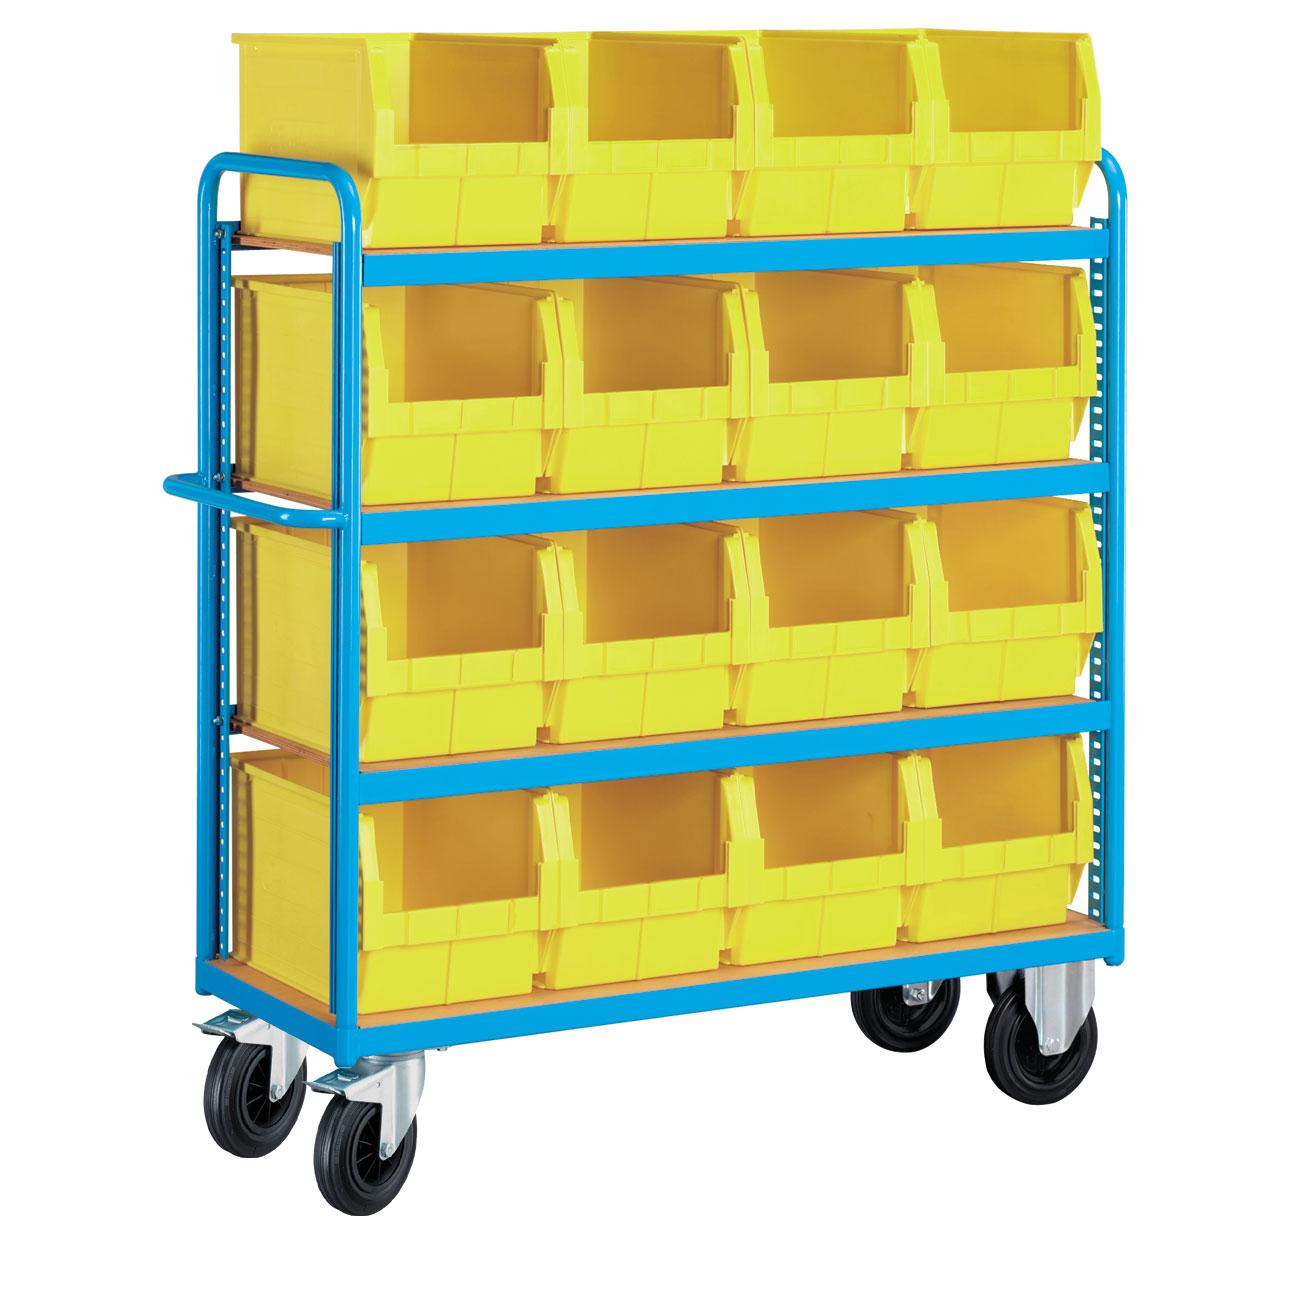 Chariot porte-caisses avec 4 plateaux et 16 bacs